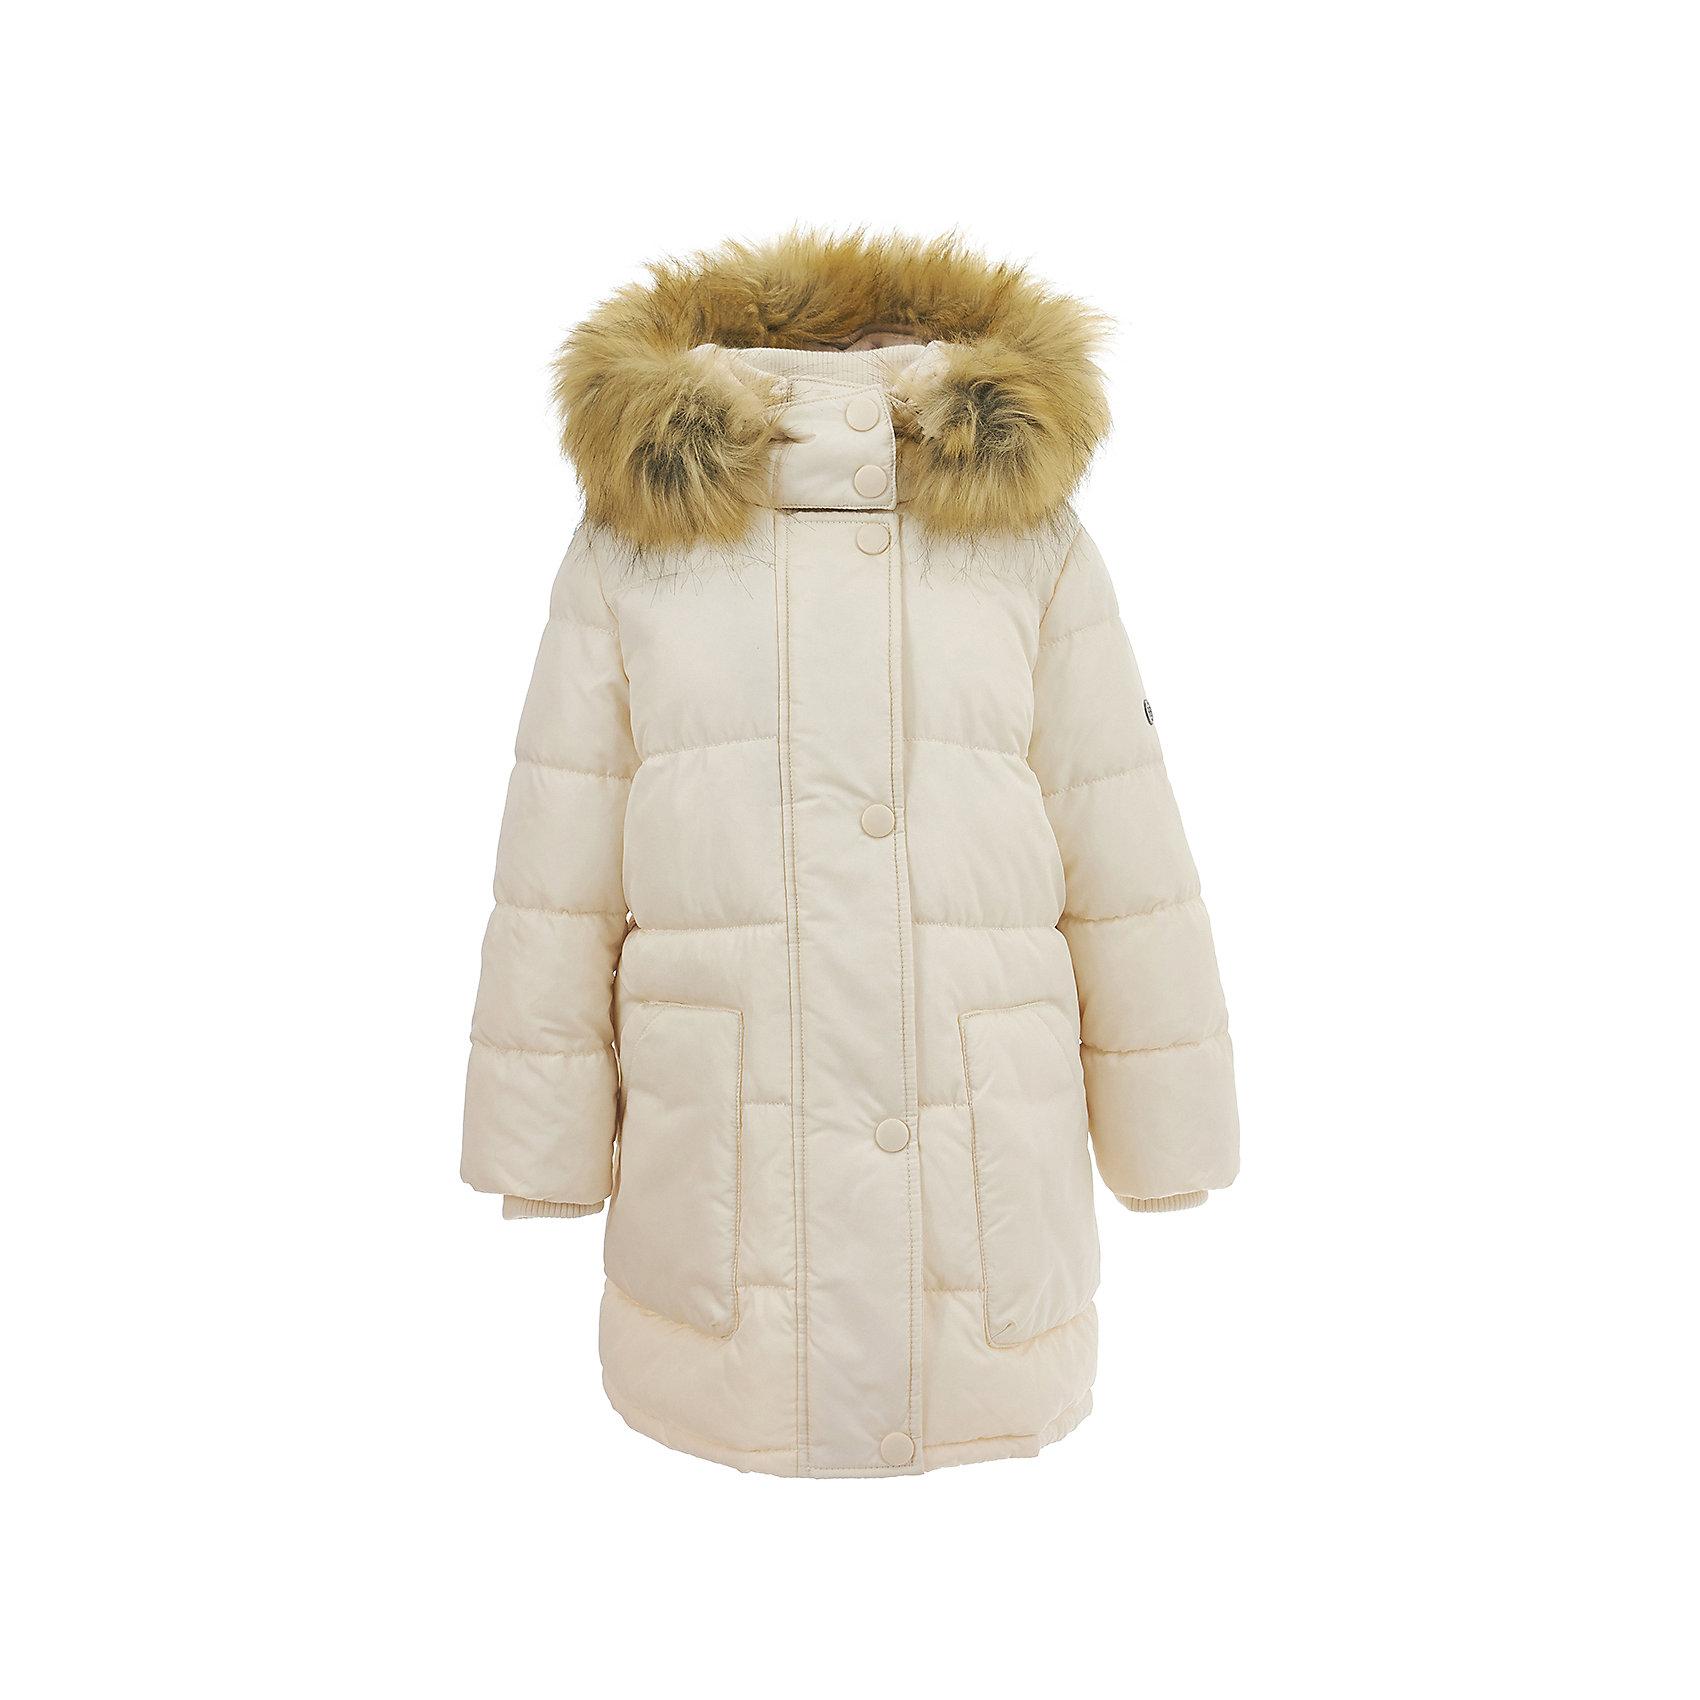 Полупальто BUTTON BLUE для девочкиВерхняя одежда<br>Полупальто BUTTON BLUE для девочки<br>Стильное зимнее пальто для девочек - залог хорошего настроения в морозный день! Классное детское пальто по оптимальной цене принесет удовольствие от покупки! К тому же, недорогое пальто - не значит скучное! Красивый цвет, модный силуэт, динамичная горизонтальная стежка, крупные детали обеспечивают пальто прекрасный внешний вид! Внутренняя утяжка создает надежную защиту от ветра. Если Вы хотите купить зимнее пальто и не сомневаться в его качестве и комфорте, детское пальто от Button Blue - отличный  вариант!<br>Состав:<br>100% полиэстер               Подкладка: 100% полиэстер (флис)/100% полиэстер  Утеплитель 100% полиэстер (fake down) мех: искусственный<br><br>Ширина мм: 356<br>Глубина мм: 10<br>Высота мм: 245<br>Вес г: 519<br>Цвет: белый<br>Возраст от месяцев: 144<br>Возраст до месяцев: 156<br>Пол: Женский<br>Возраст: Детский<br>Размер: 158,98,104,110,116,122,128,134,140,146,152<br>SKU: 7037981